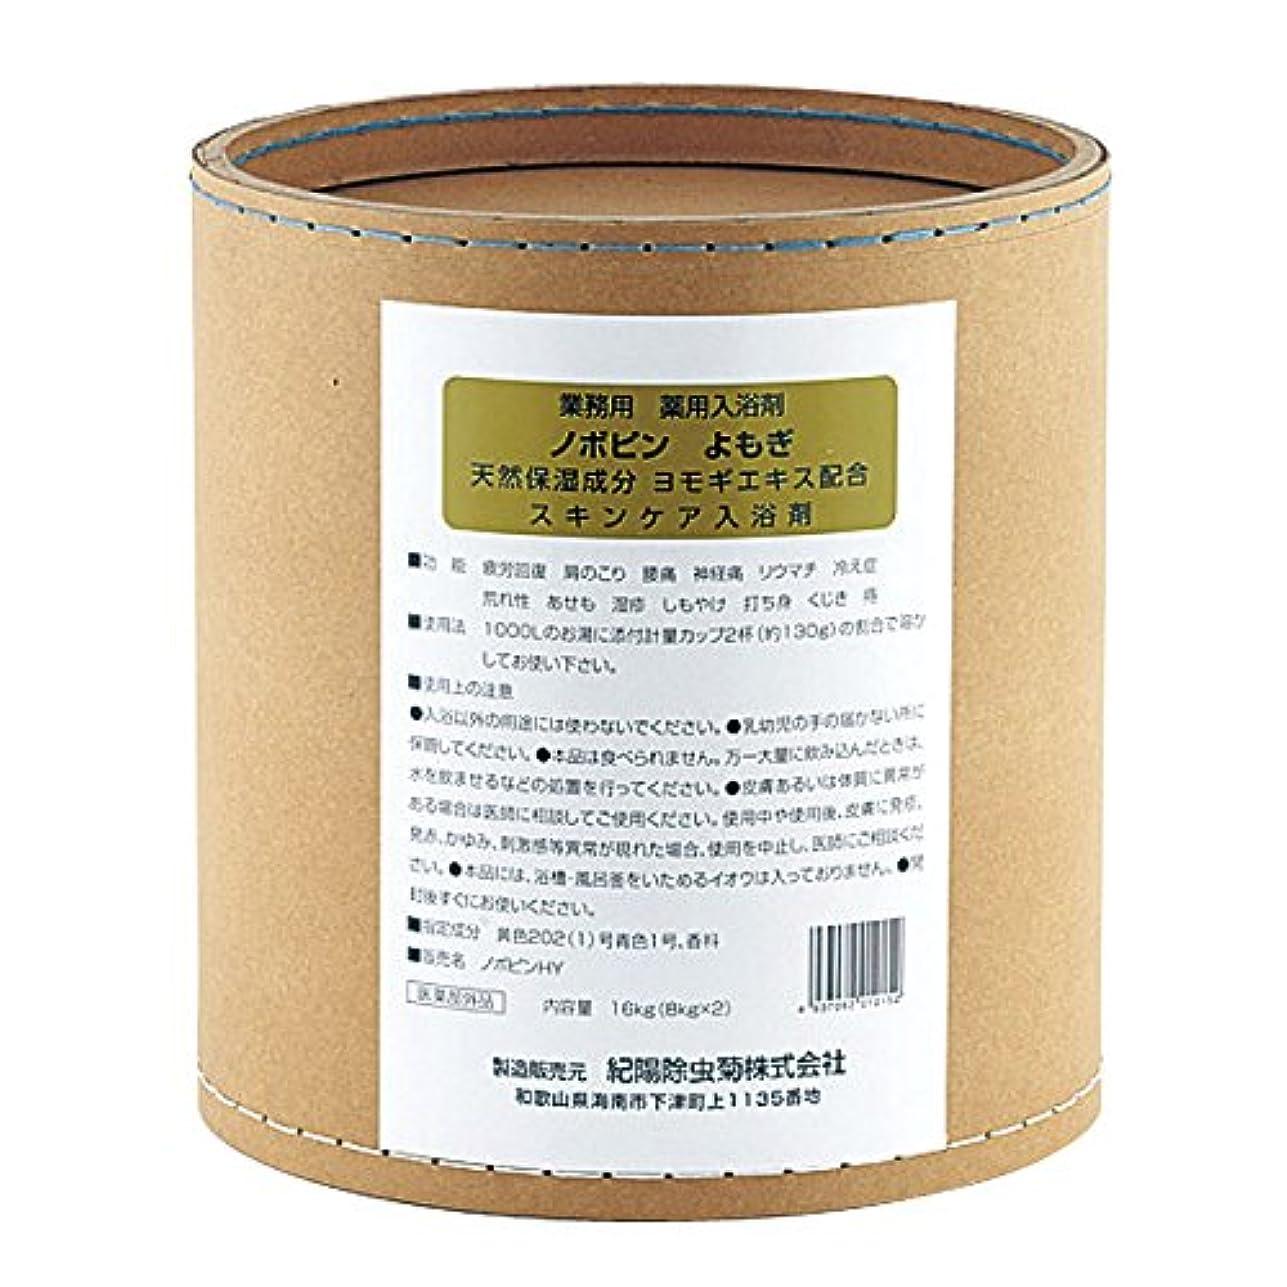 コンセンサスタックル驚いた業務用入浴剤ノボピンよもぎ16kg(8kg*2)